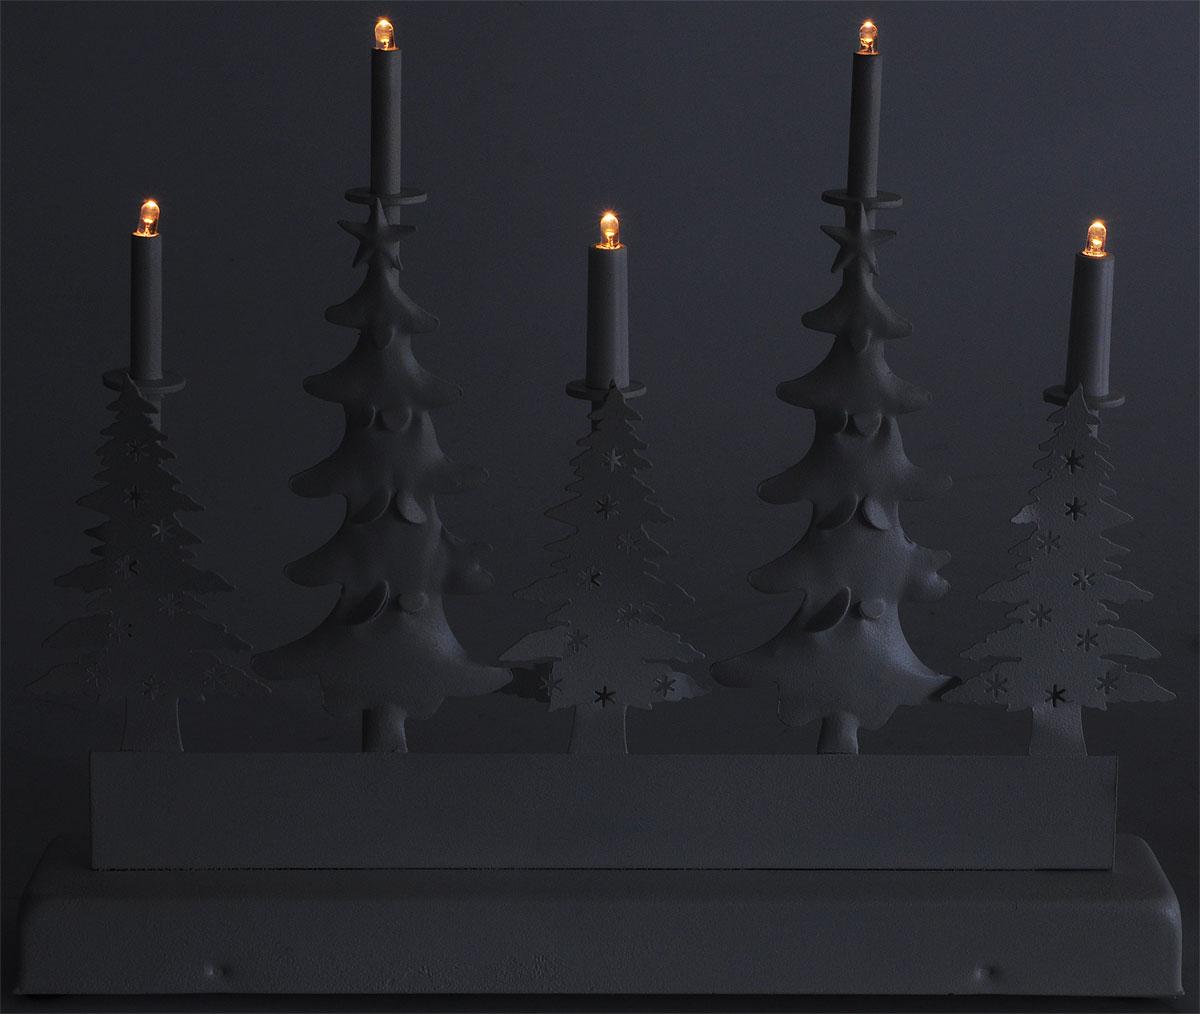 Украшение декоративное новогоднее B&H Металлическая горка. Елки, светодиодное, 5 LEDBH0605Украшение декоративное новогоднее B&H Металлическая горка. Елки применяется для декорирования помещений, окон, витрин и других объектов.Питание - от батареек 3 х АА (не входят в комплект поставки). Блок питания снабжен таймером, который автоматически выключает питание через 6 часов и включается снова через 18 часов. Для включения изделия необходимо передвинуть переключатель ON/OFF, расположенный на блоке питания, в положение ON. Через 6 часов изделие выключится самостоятельно.Украшение предназначено для использования внутри помещений и представляет собой оригинальную композицию ламп на столбцах и елочками.Светодиодное изделие создаст праздничную атмосферу и наполнит ваш дом радостью и позитивной энергией.5 светодиодов.Цвет свечения: теплый белый. Размер: 31,5 x 26 x 5,5 см.